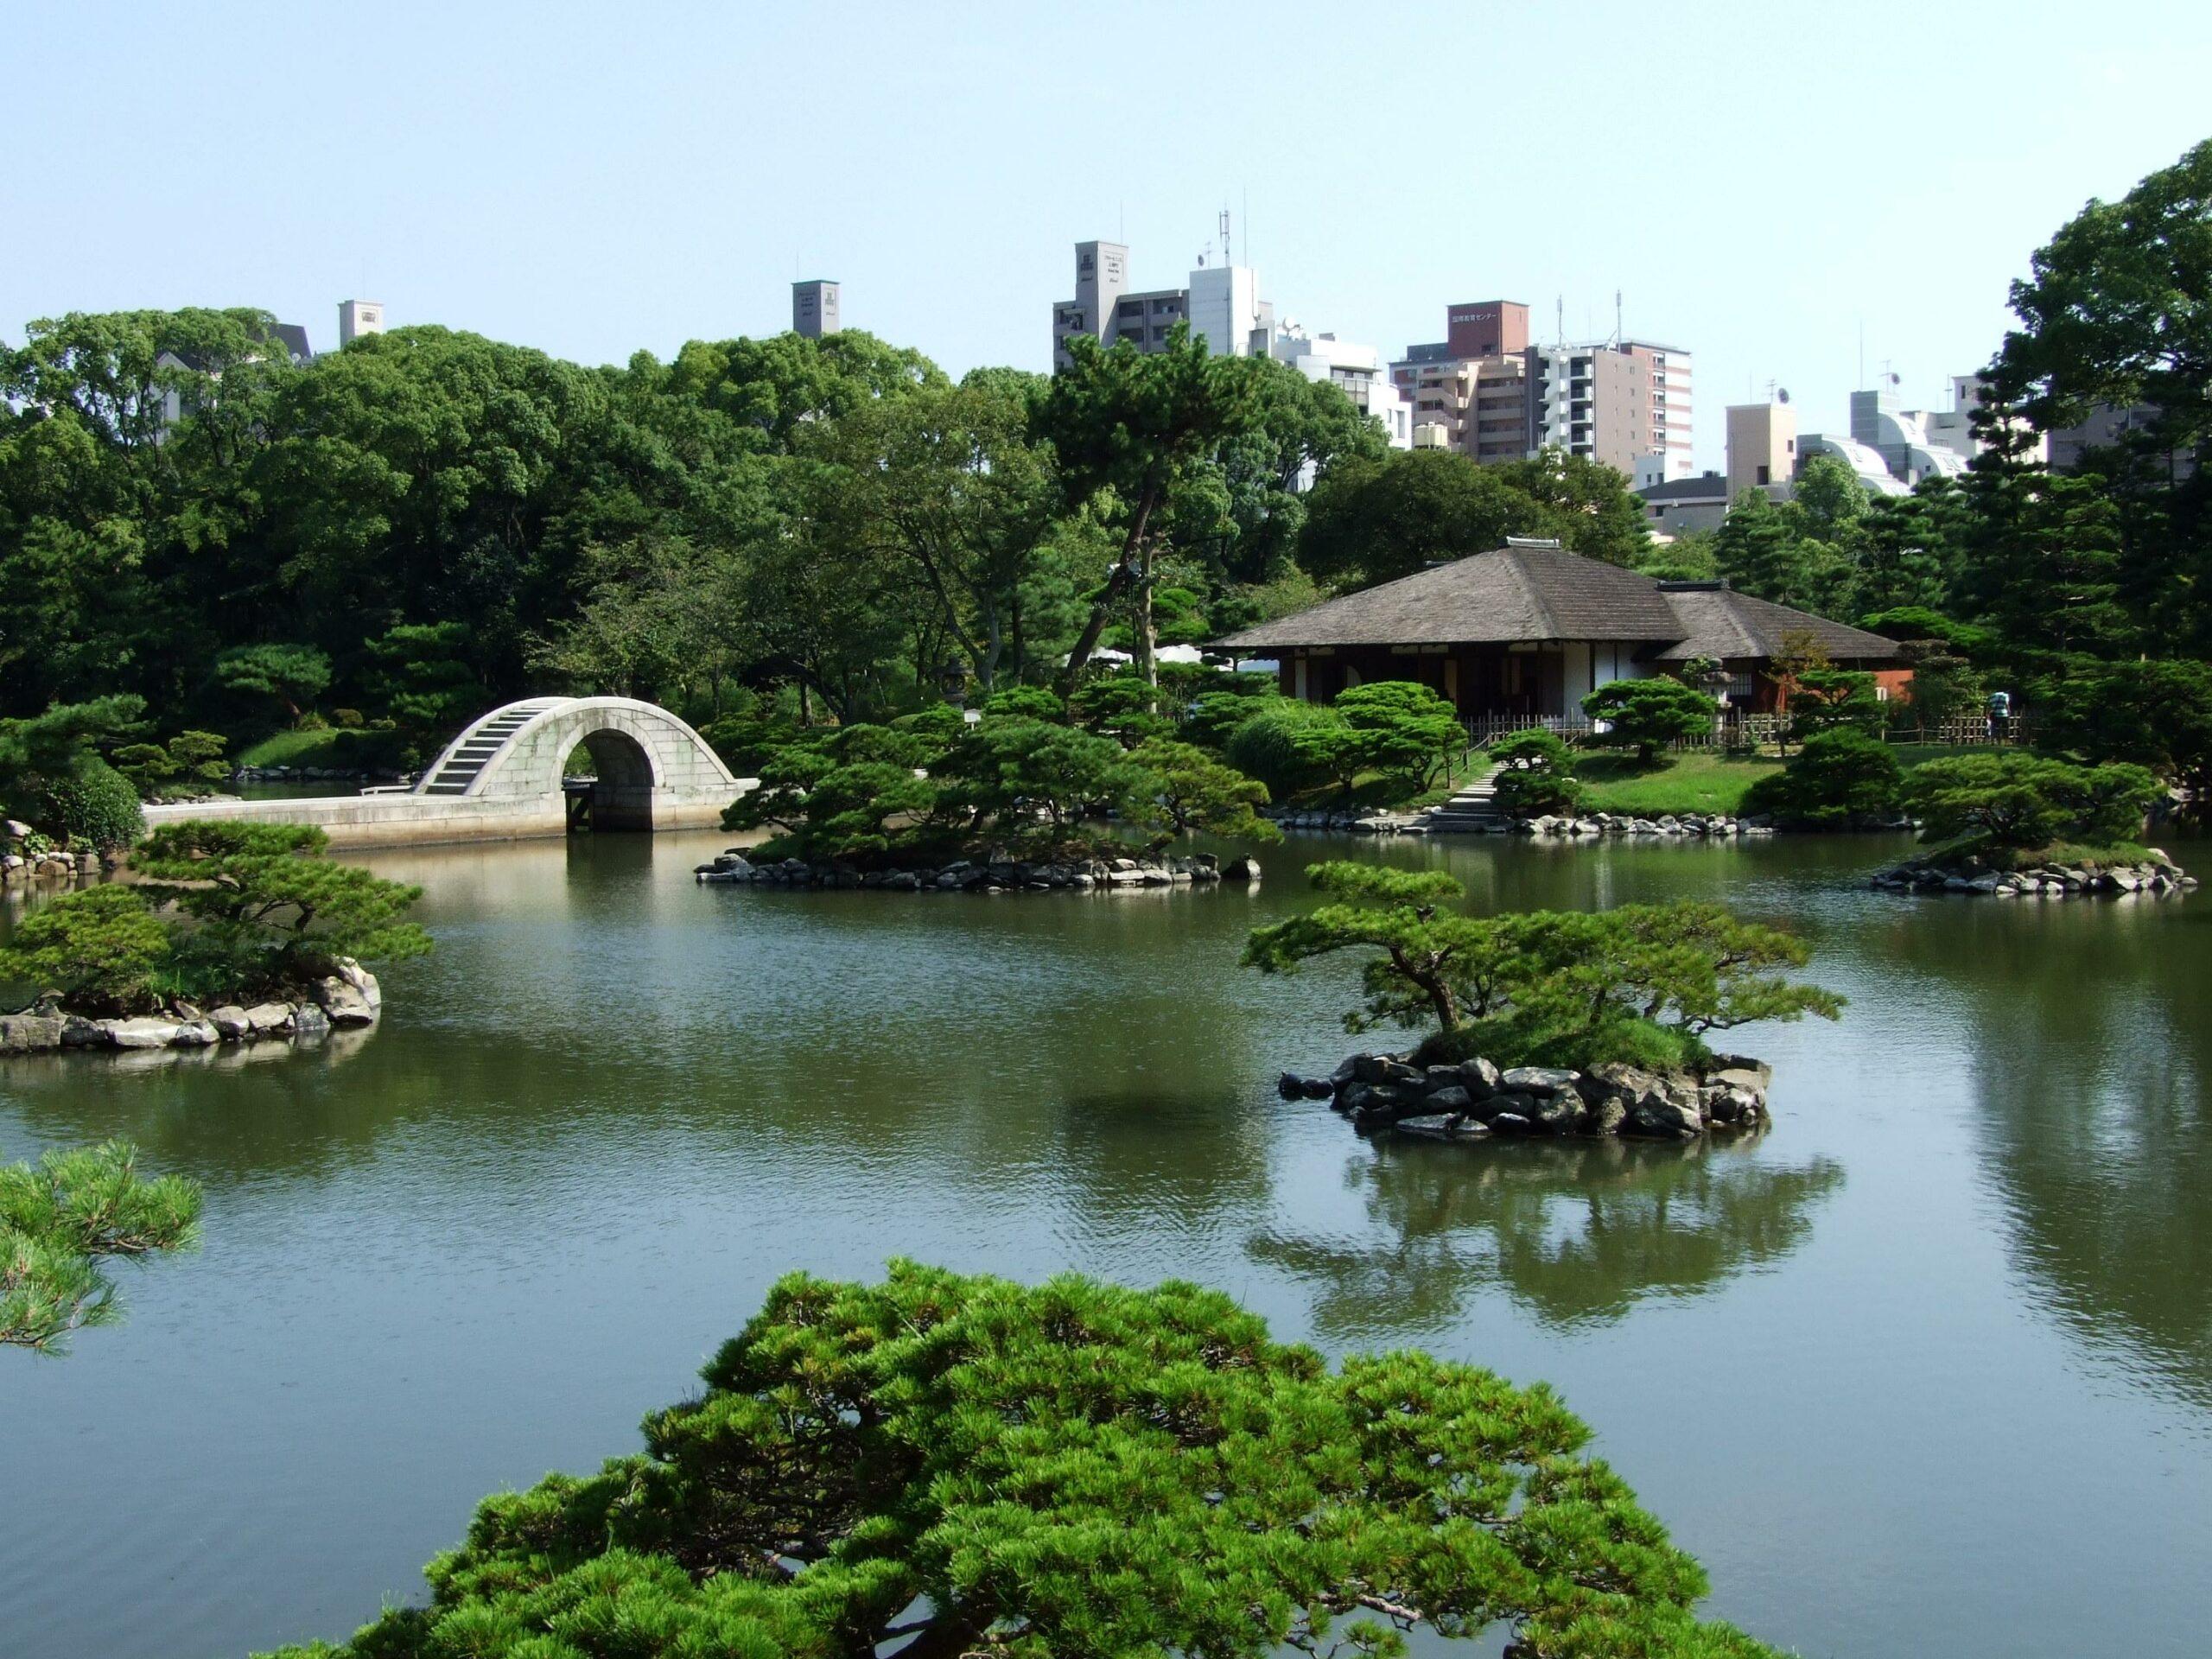 旧西国街道と名勝縮景園をめぐる(広島市)